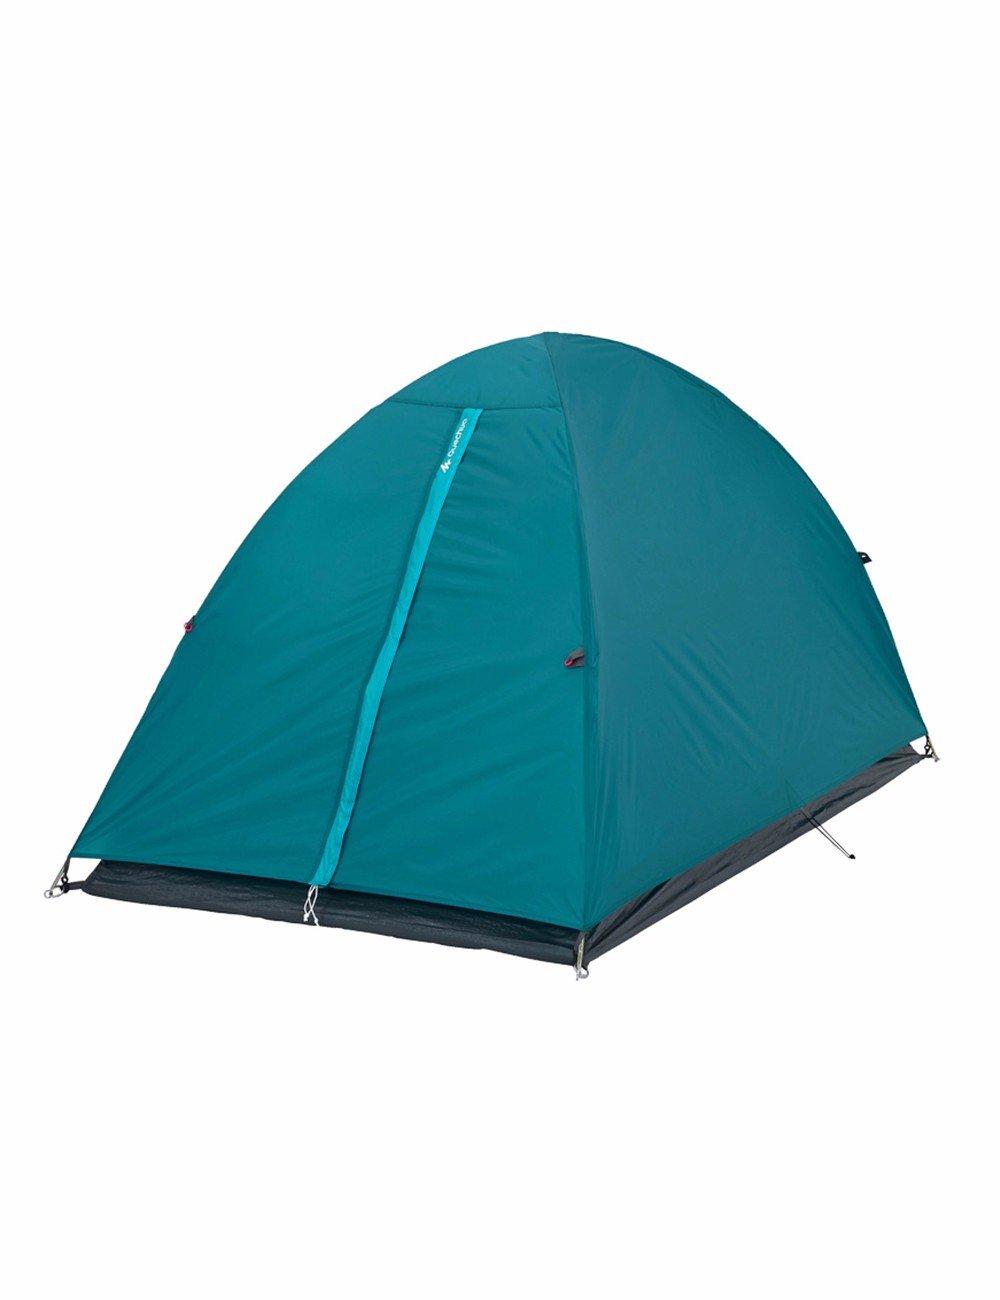 SJQKA-Zelt Camping Zelt 2 Etagenbetten Regen Freizeitaktivitäten